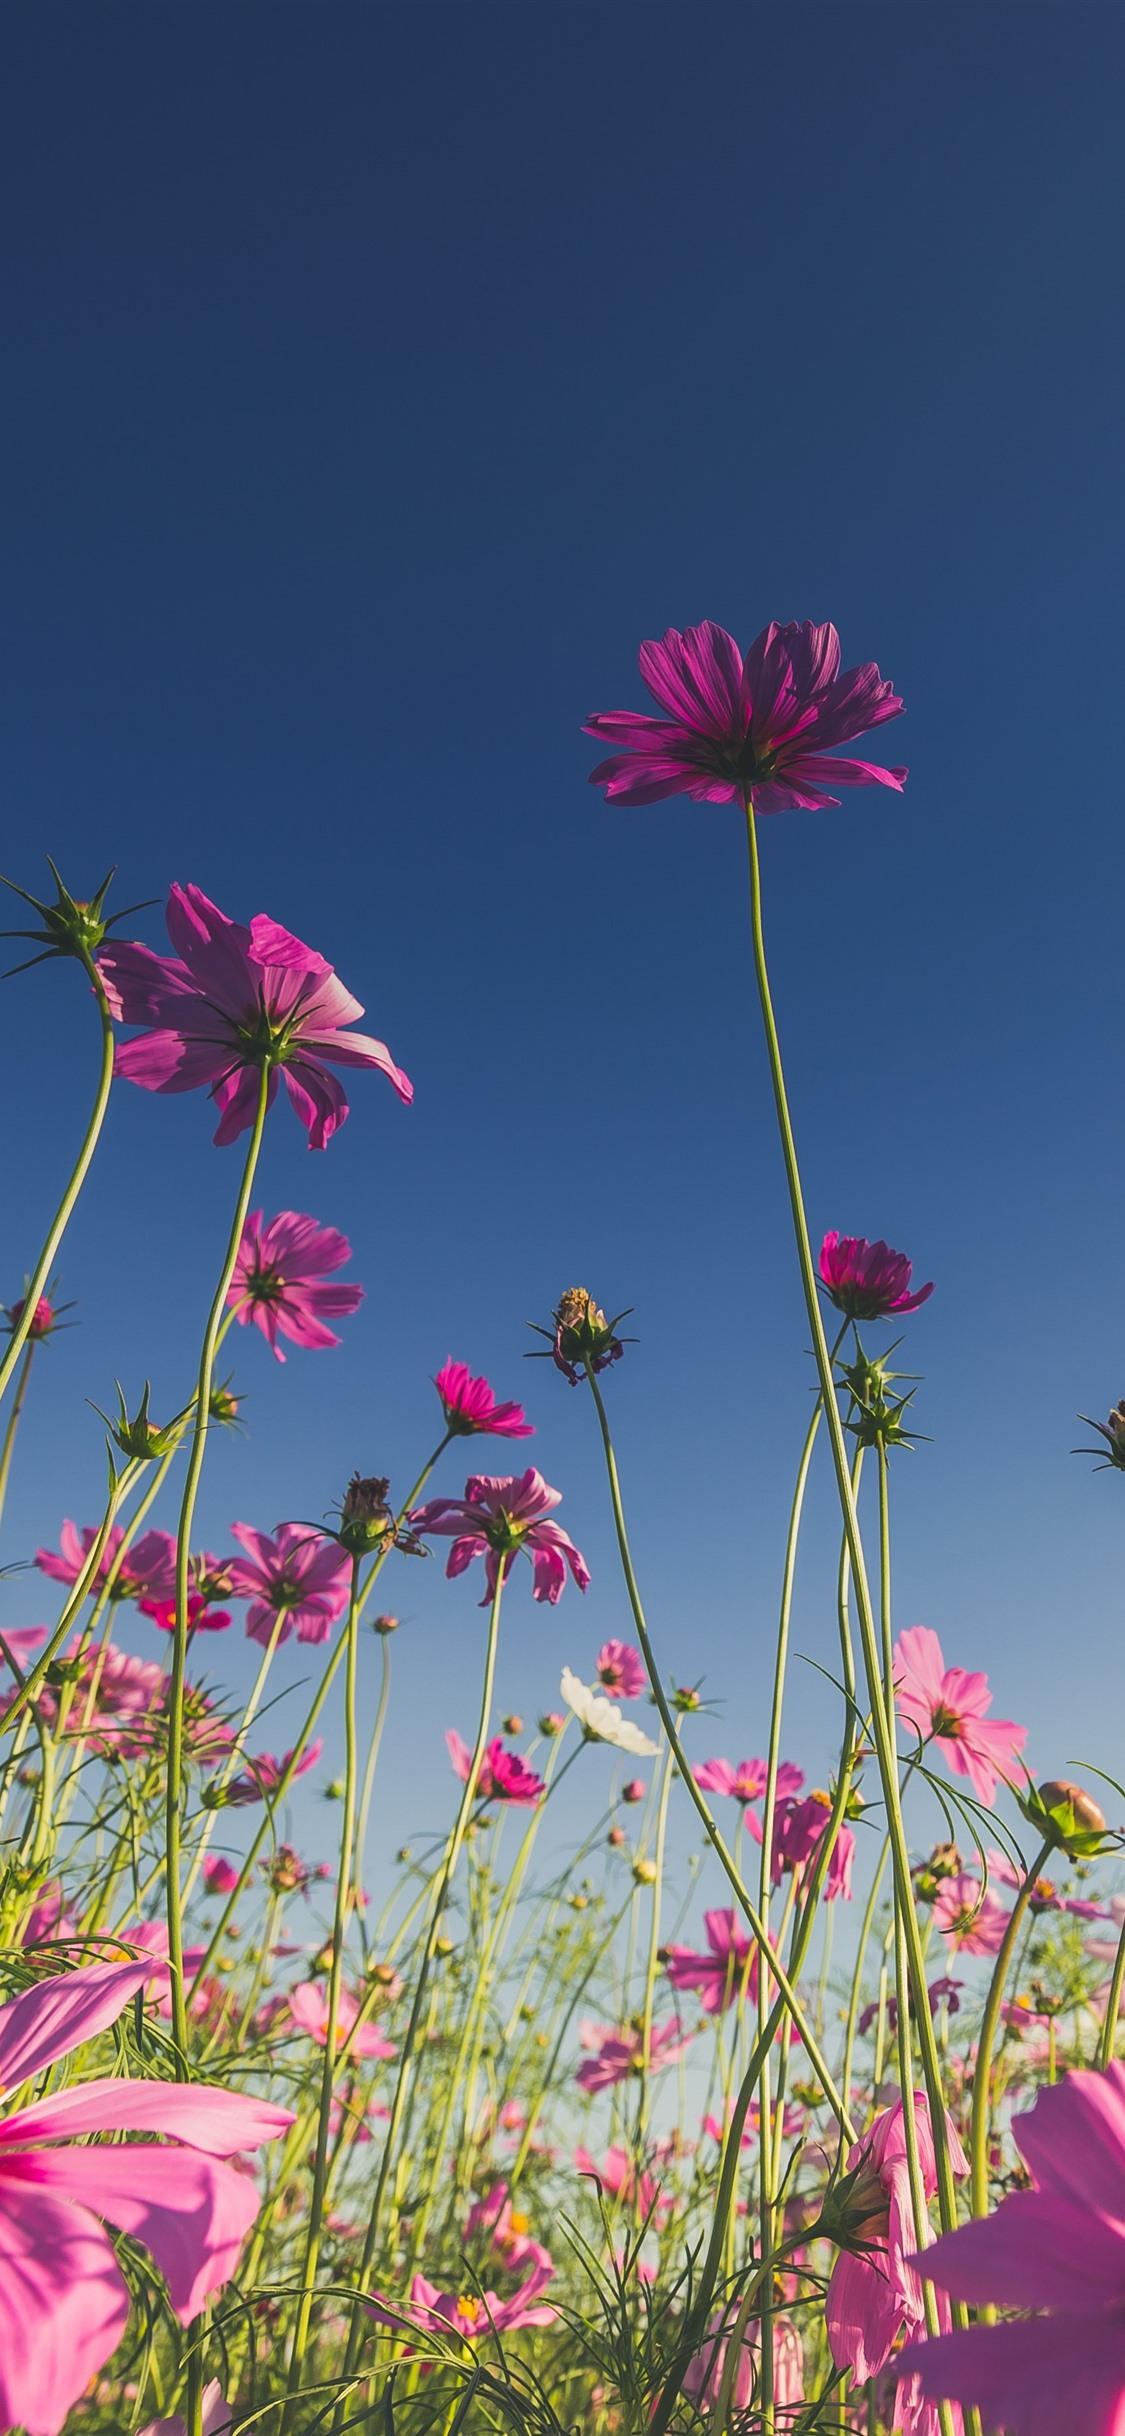 ピンクの花 コスモス 青空 1125x2436 Iphone 11 Pro Xs X 壁紙 背景